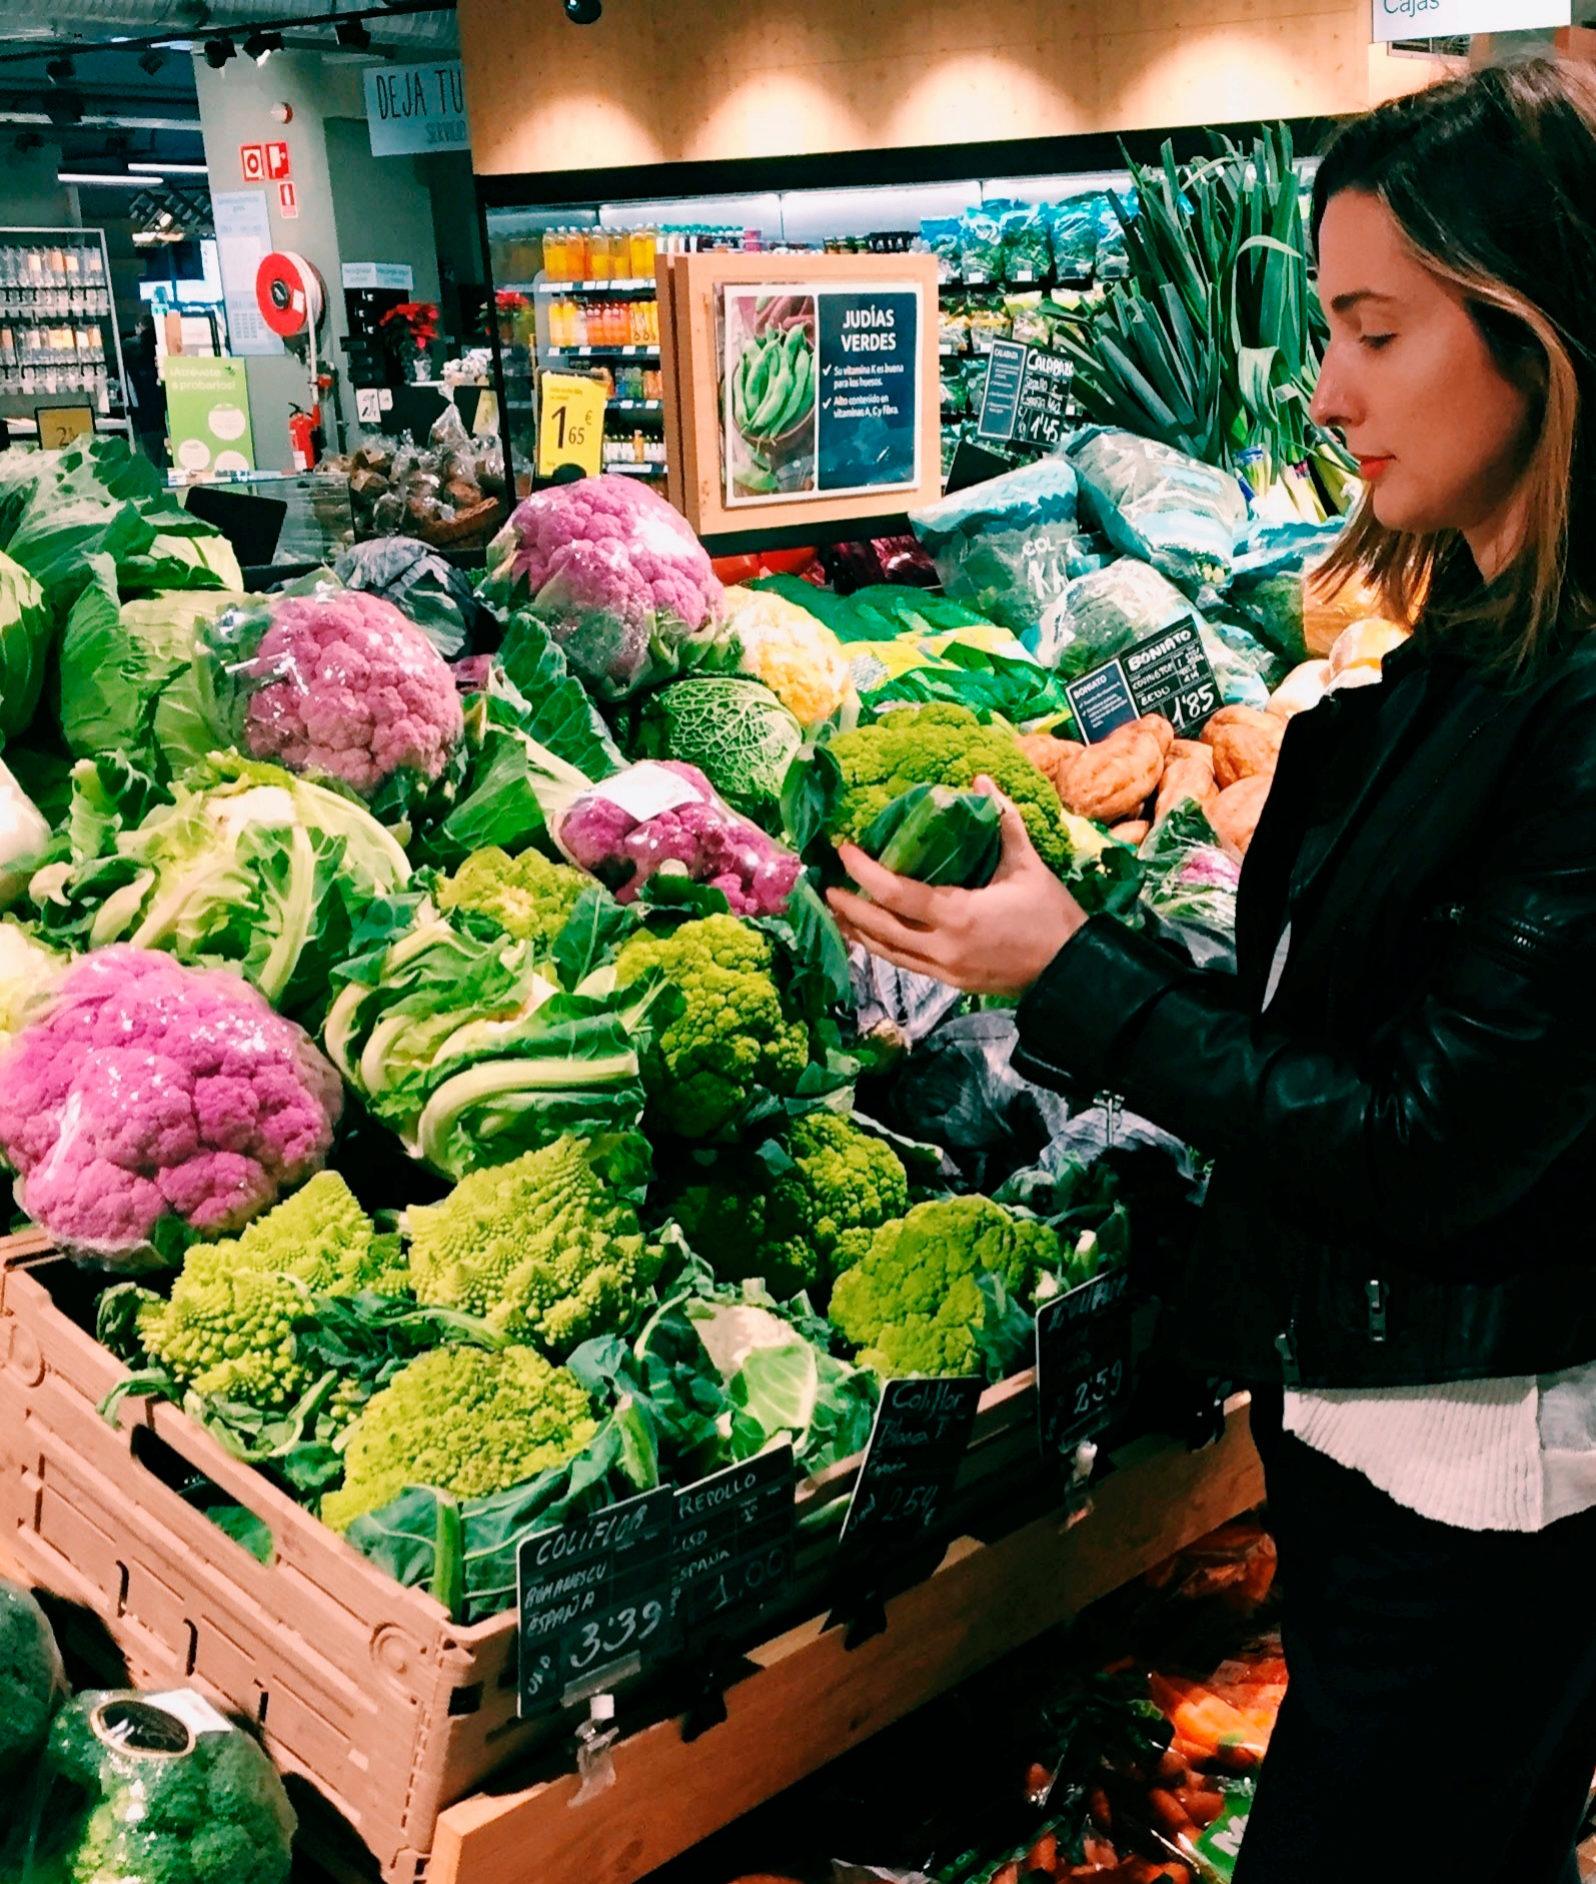 Durante la compra hay que leer etiquetas y analizar todo lo que entra...